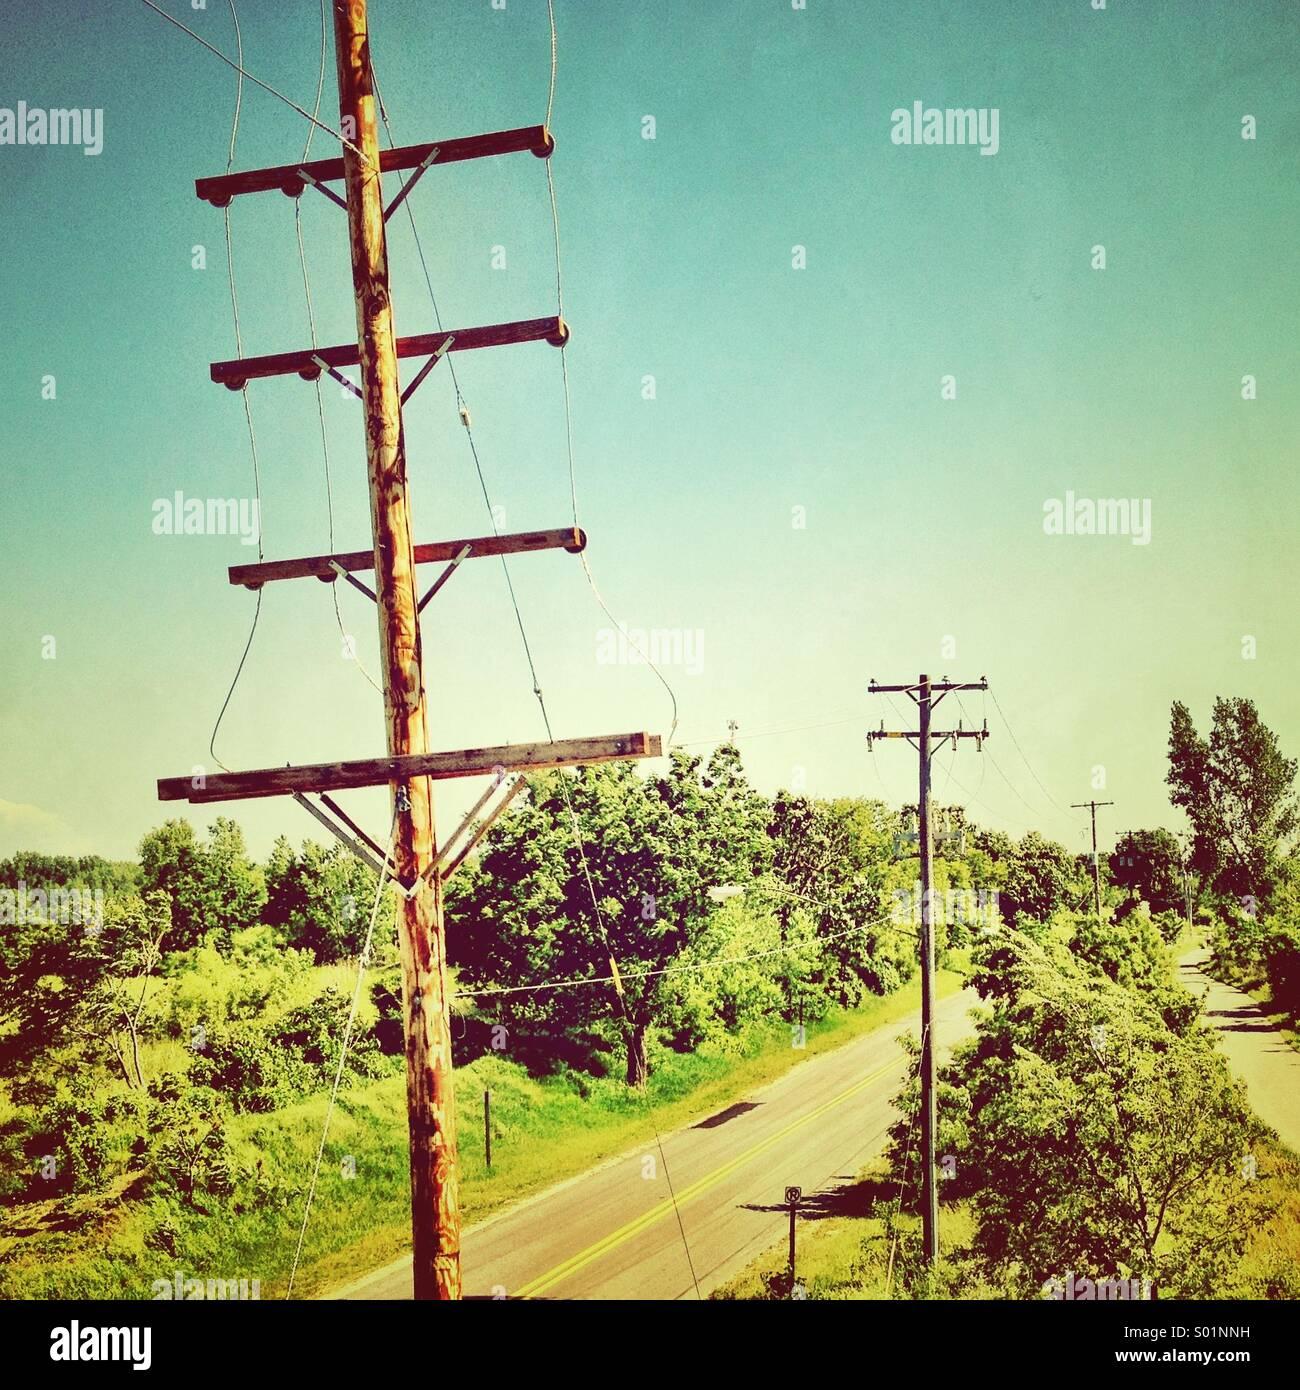 Poles. - Stock Image